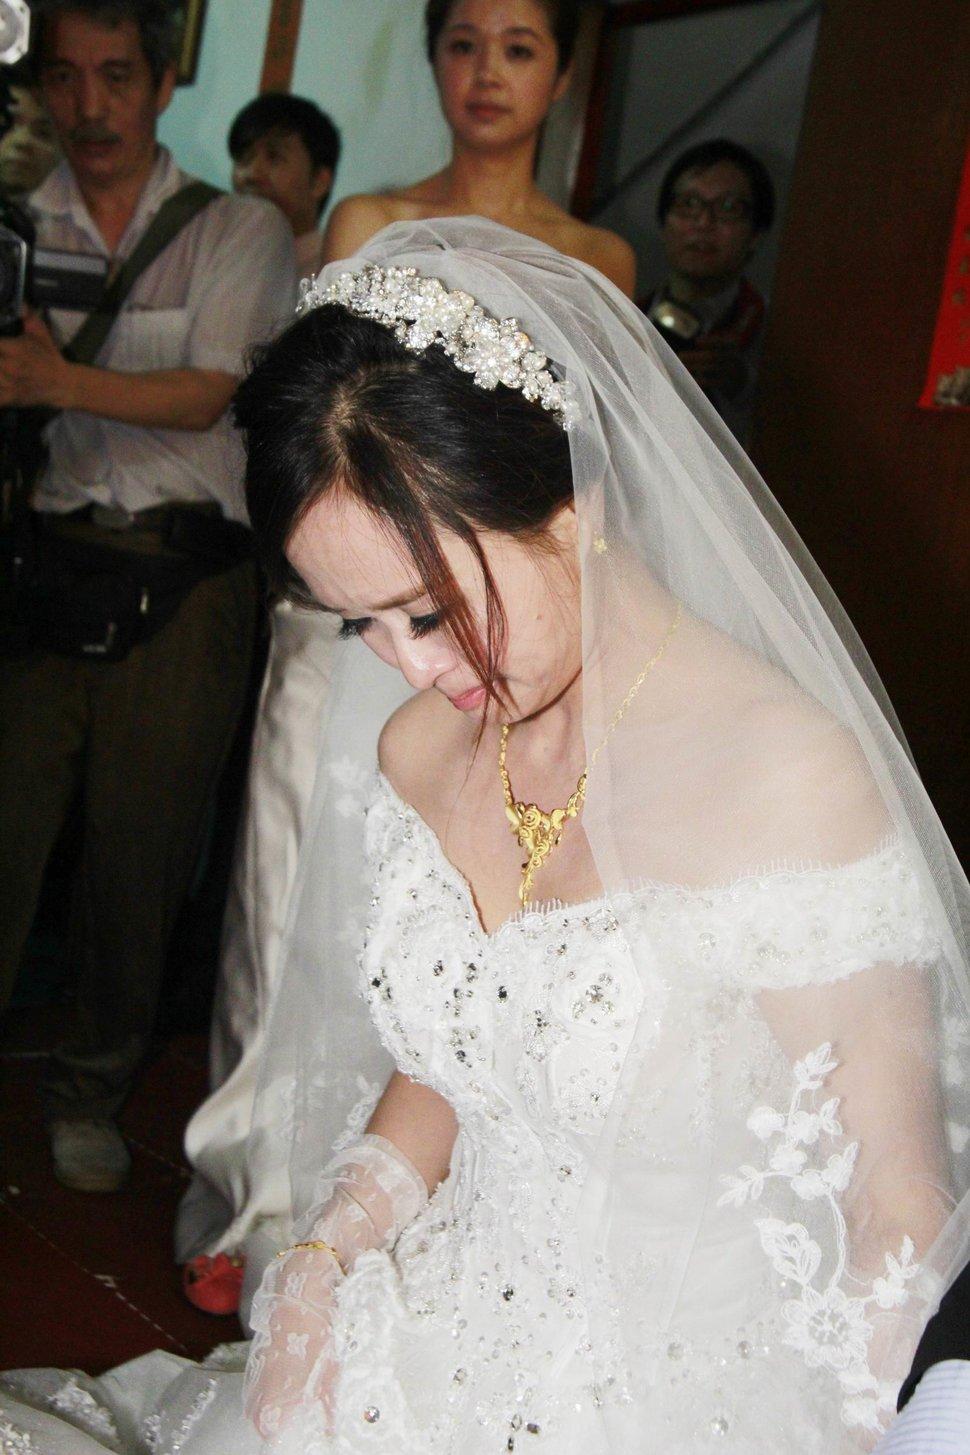 永和易牙居婚宴廣場宴會廳婚婚禮記錄結婚迎娶婚禮記錄動態微電影錄影專業錄影平面攝影婚攝婚禮(編號:213013) - 蜜月拍照10800錄影12800攝影團隊 - 結婚吧